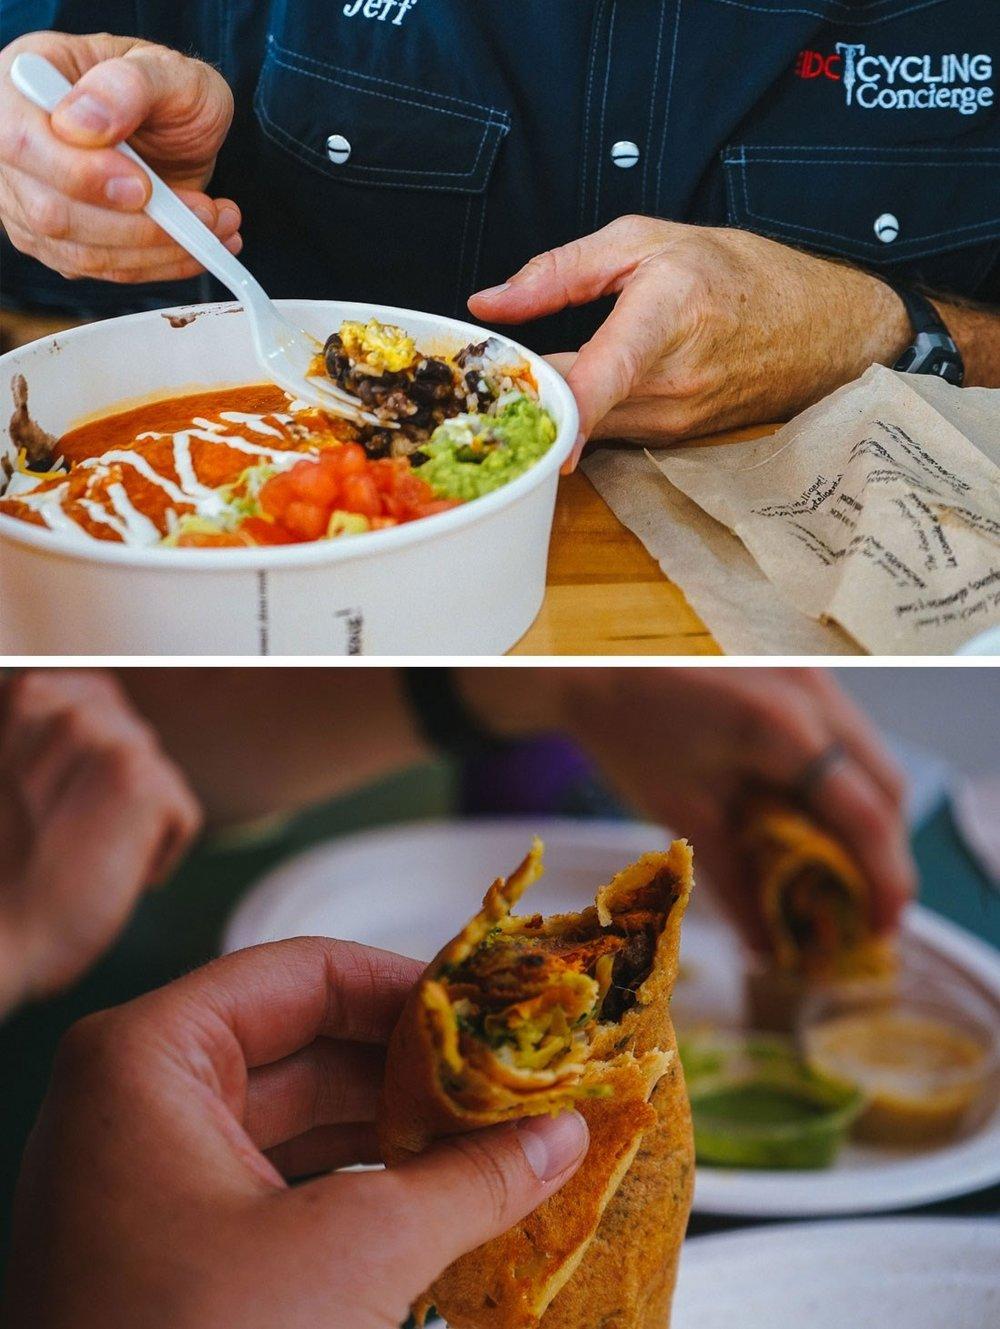 DCByBike_food1.jpg